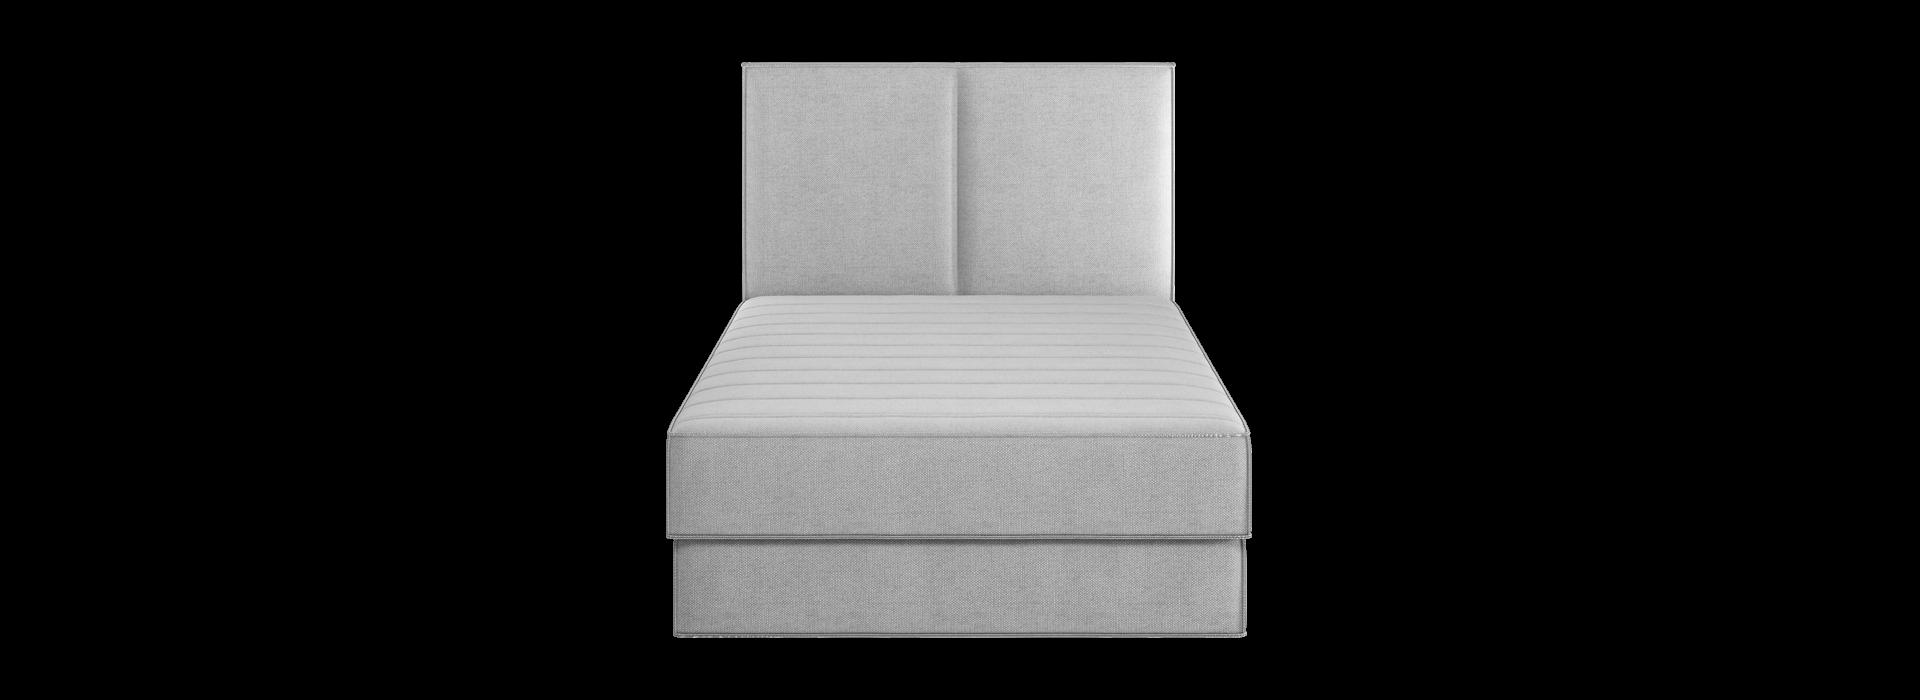 Фрея 1.2 ліжко з підйомником - маска 3